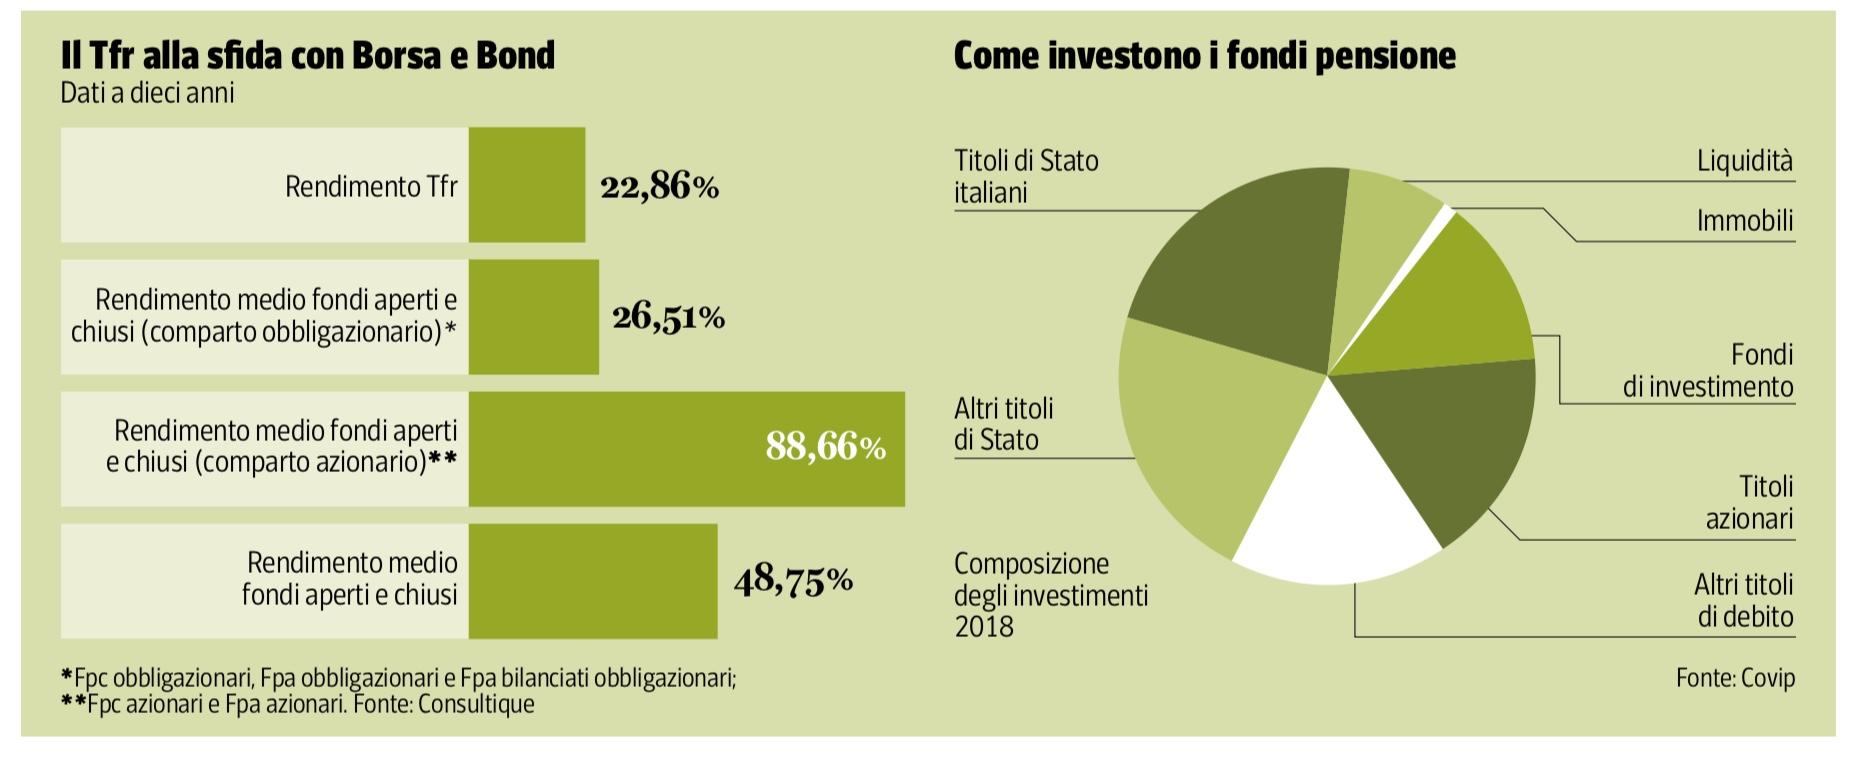 investimenti roma finecojpg